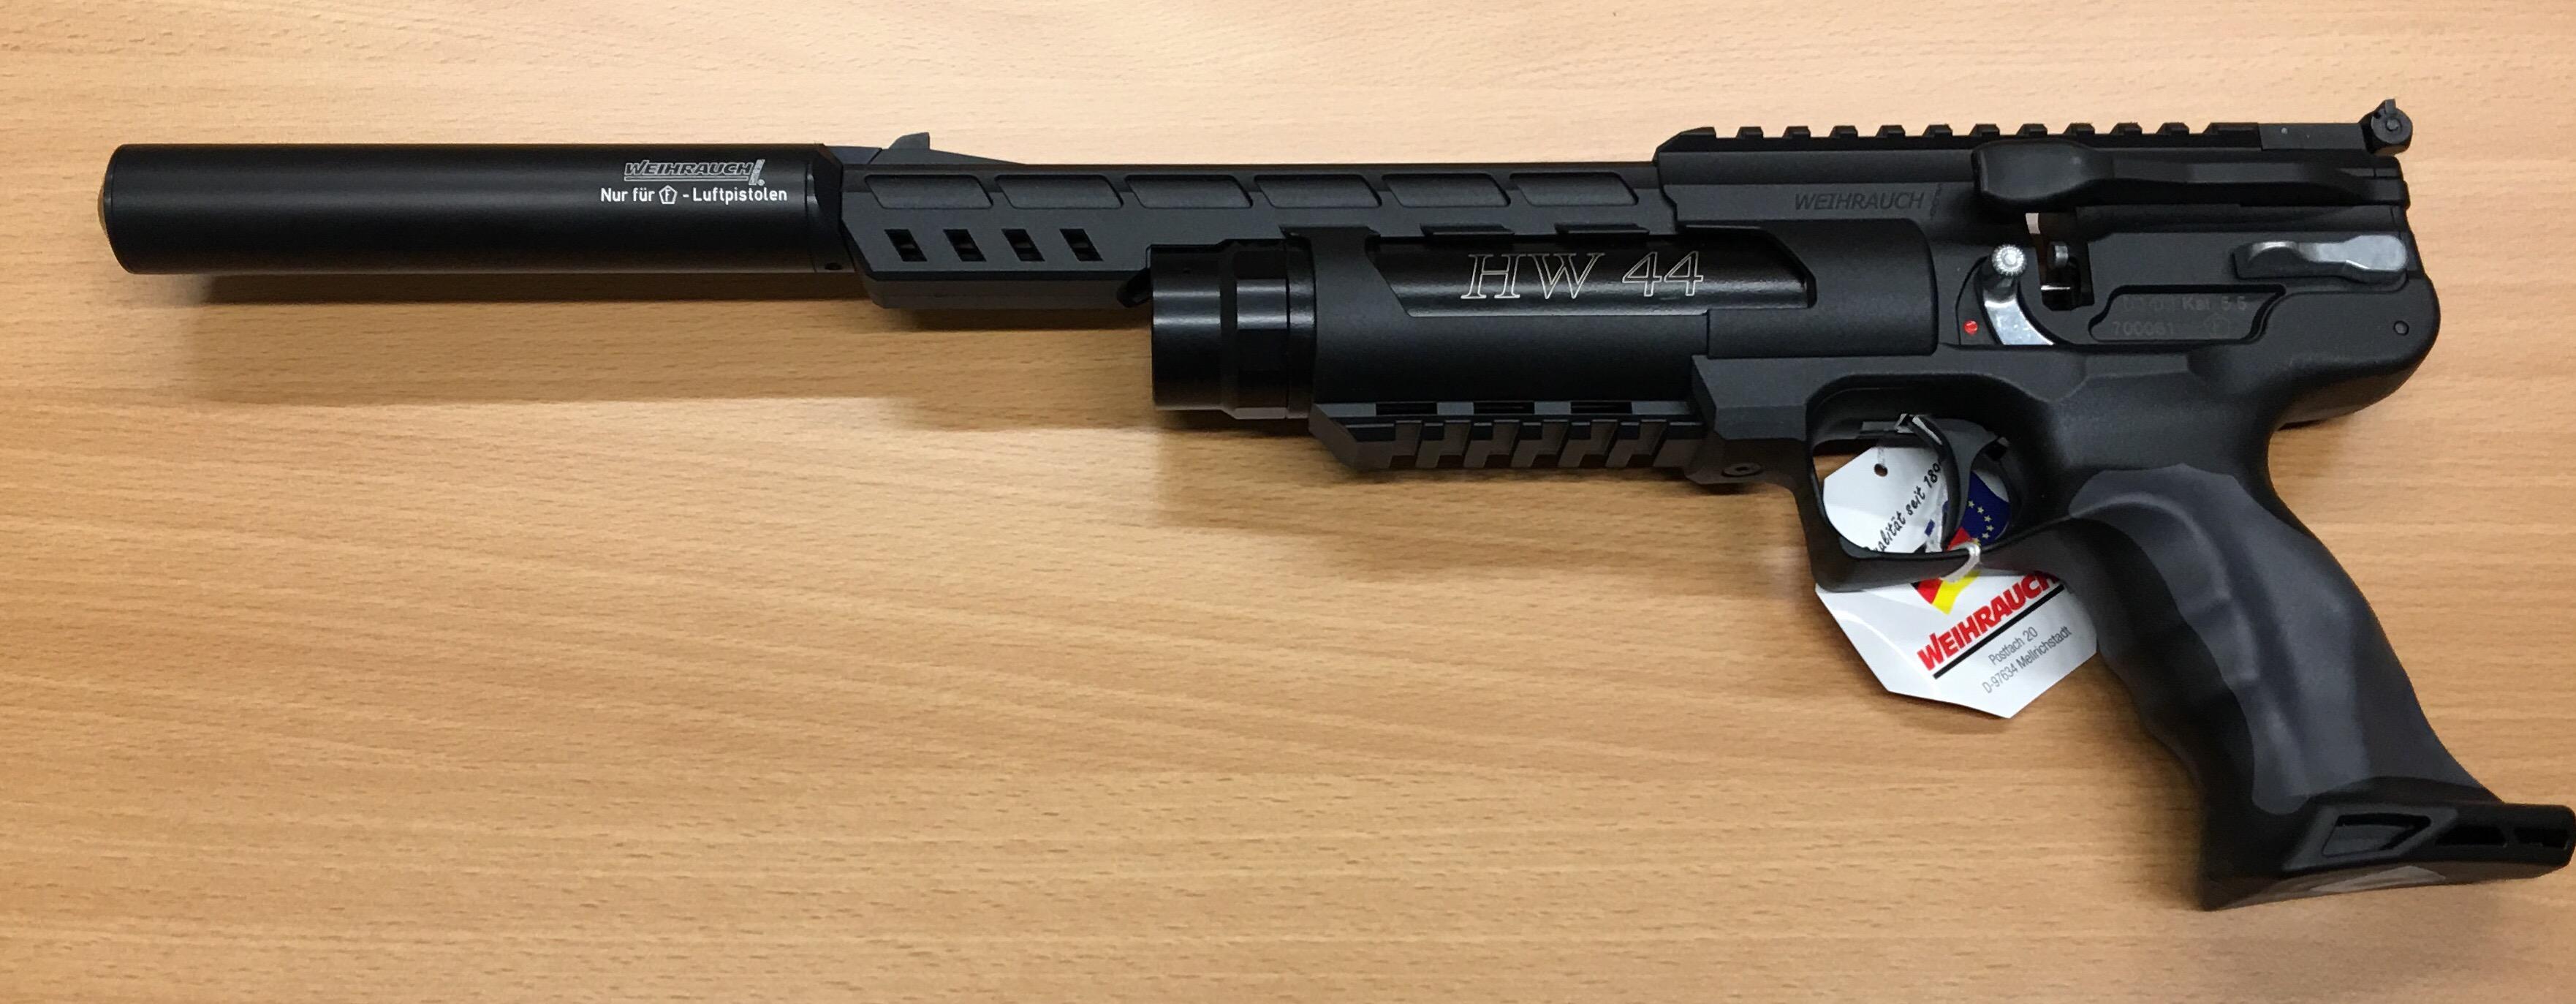 Montagebeispiel vom Schalldämpfer an der <a href=1160008-45.htm>Luftpistole HW 44</a>